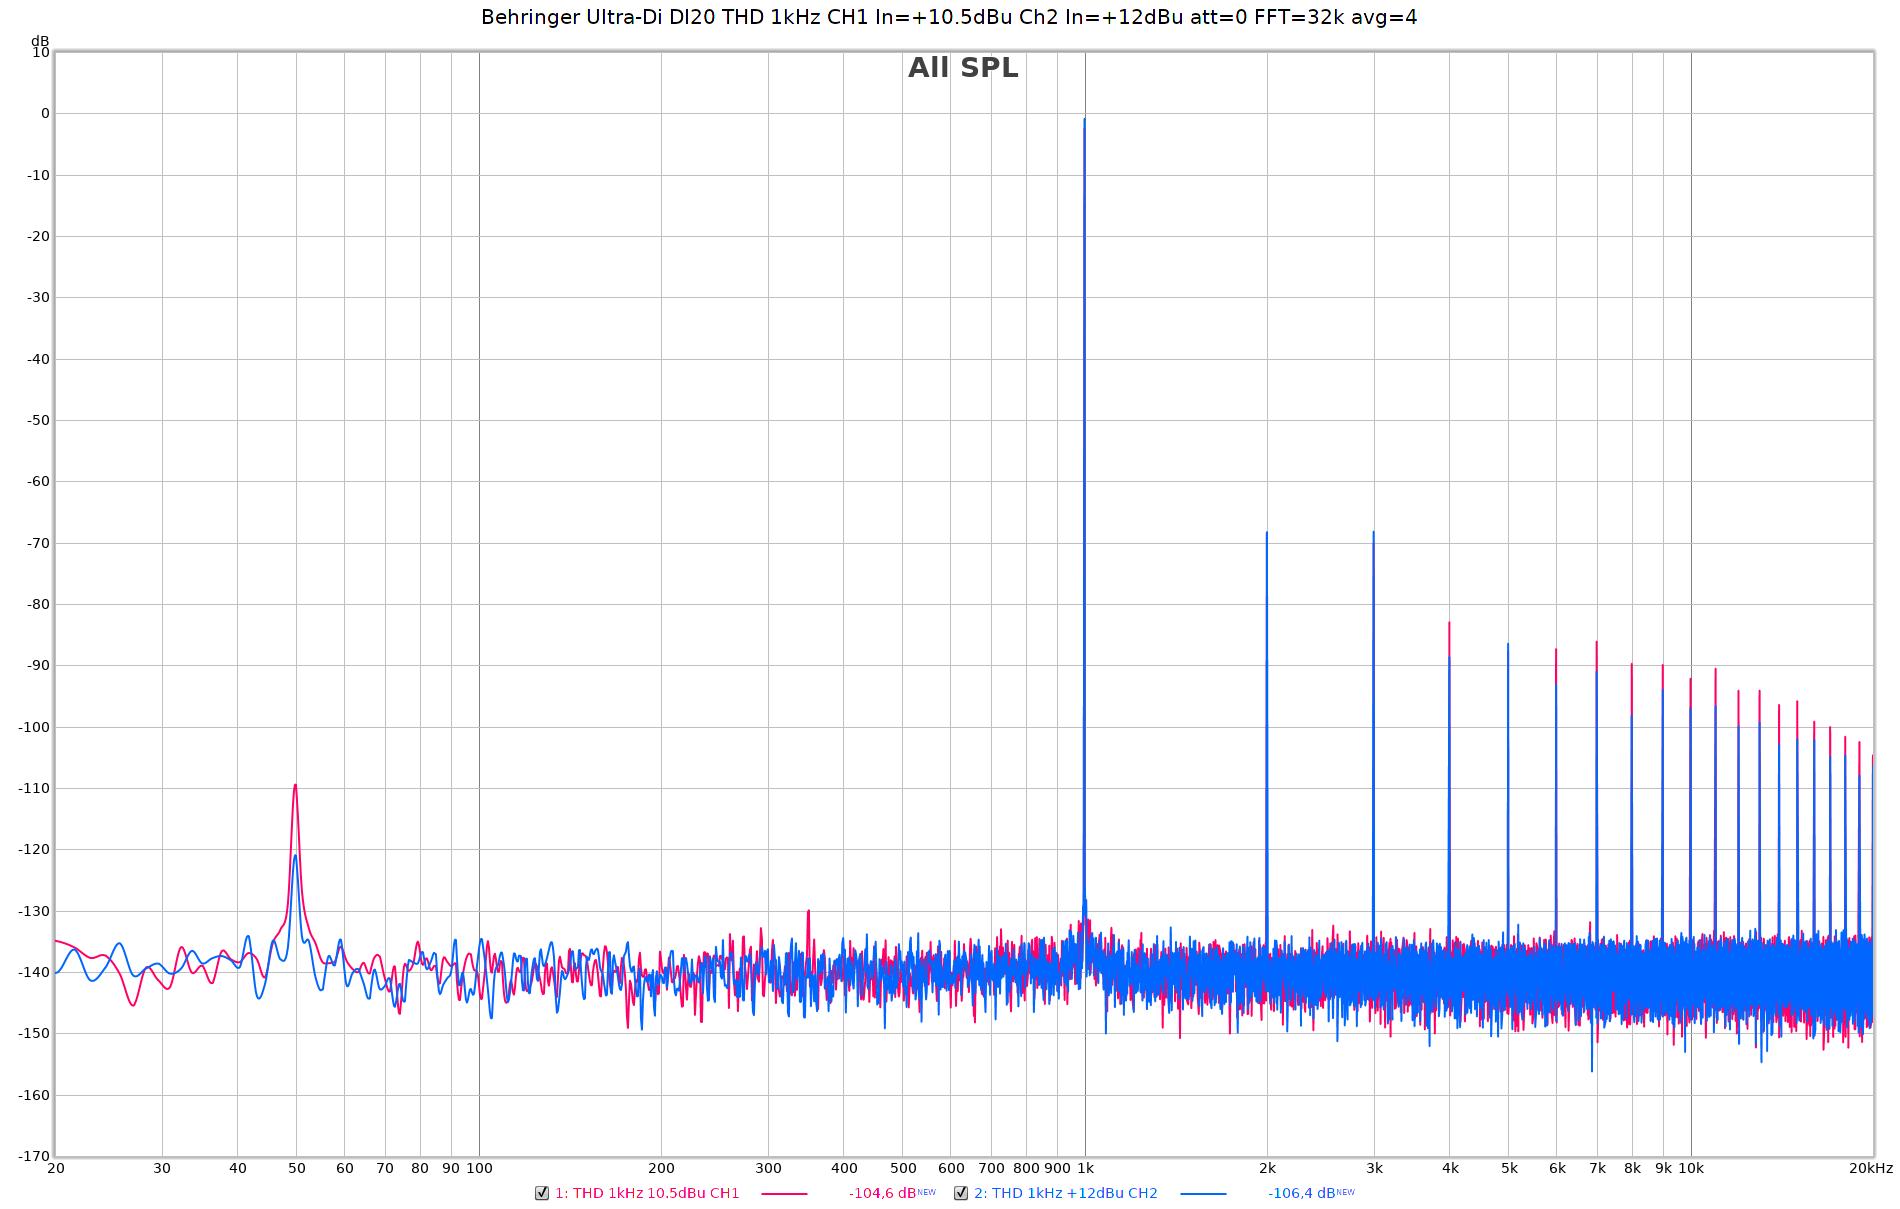 Behringer Ultra-Di DI20 THD 1kHz CH1 In=+10.5dBu Ch2 In=+12dBu att=0 FFT=32k avg=4.png